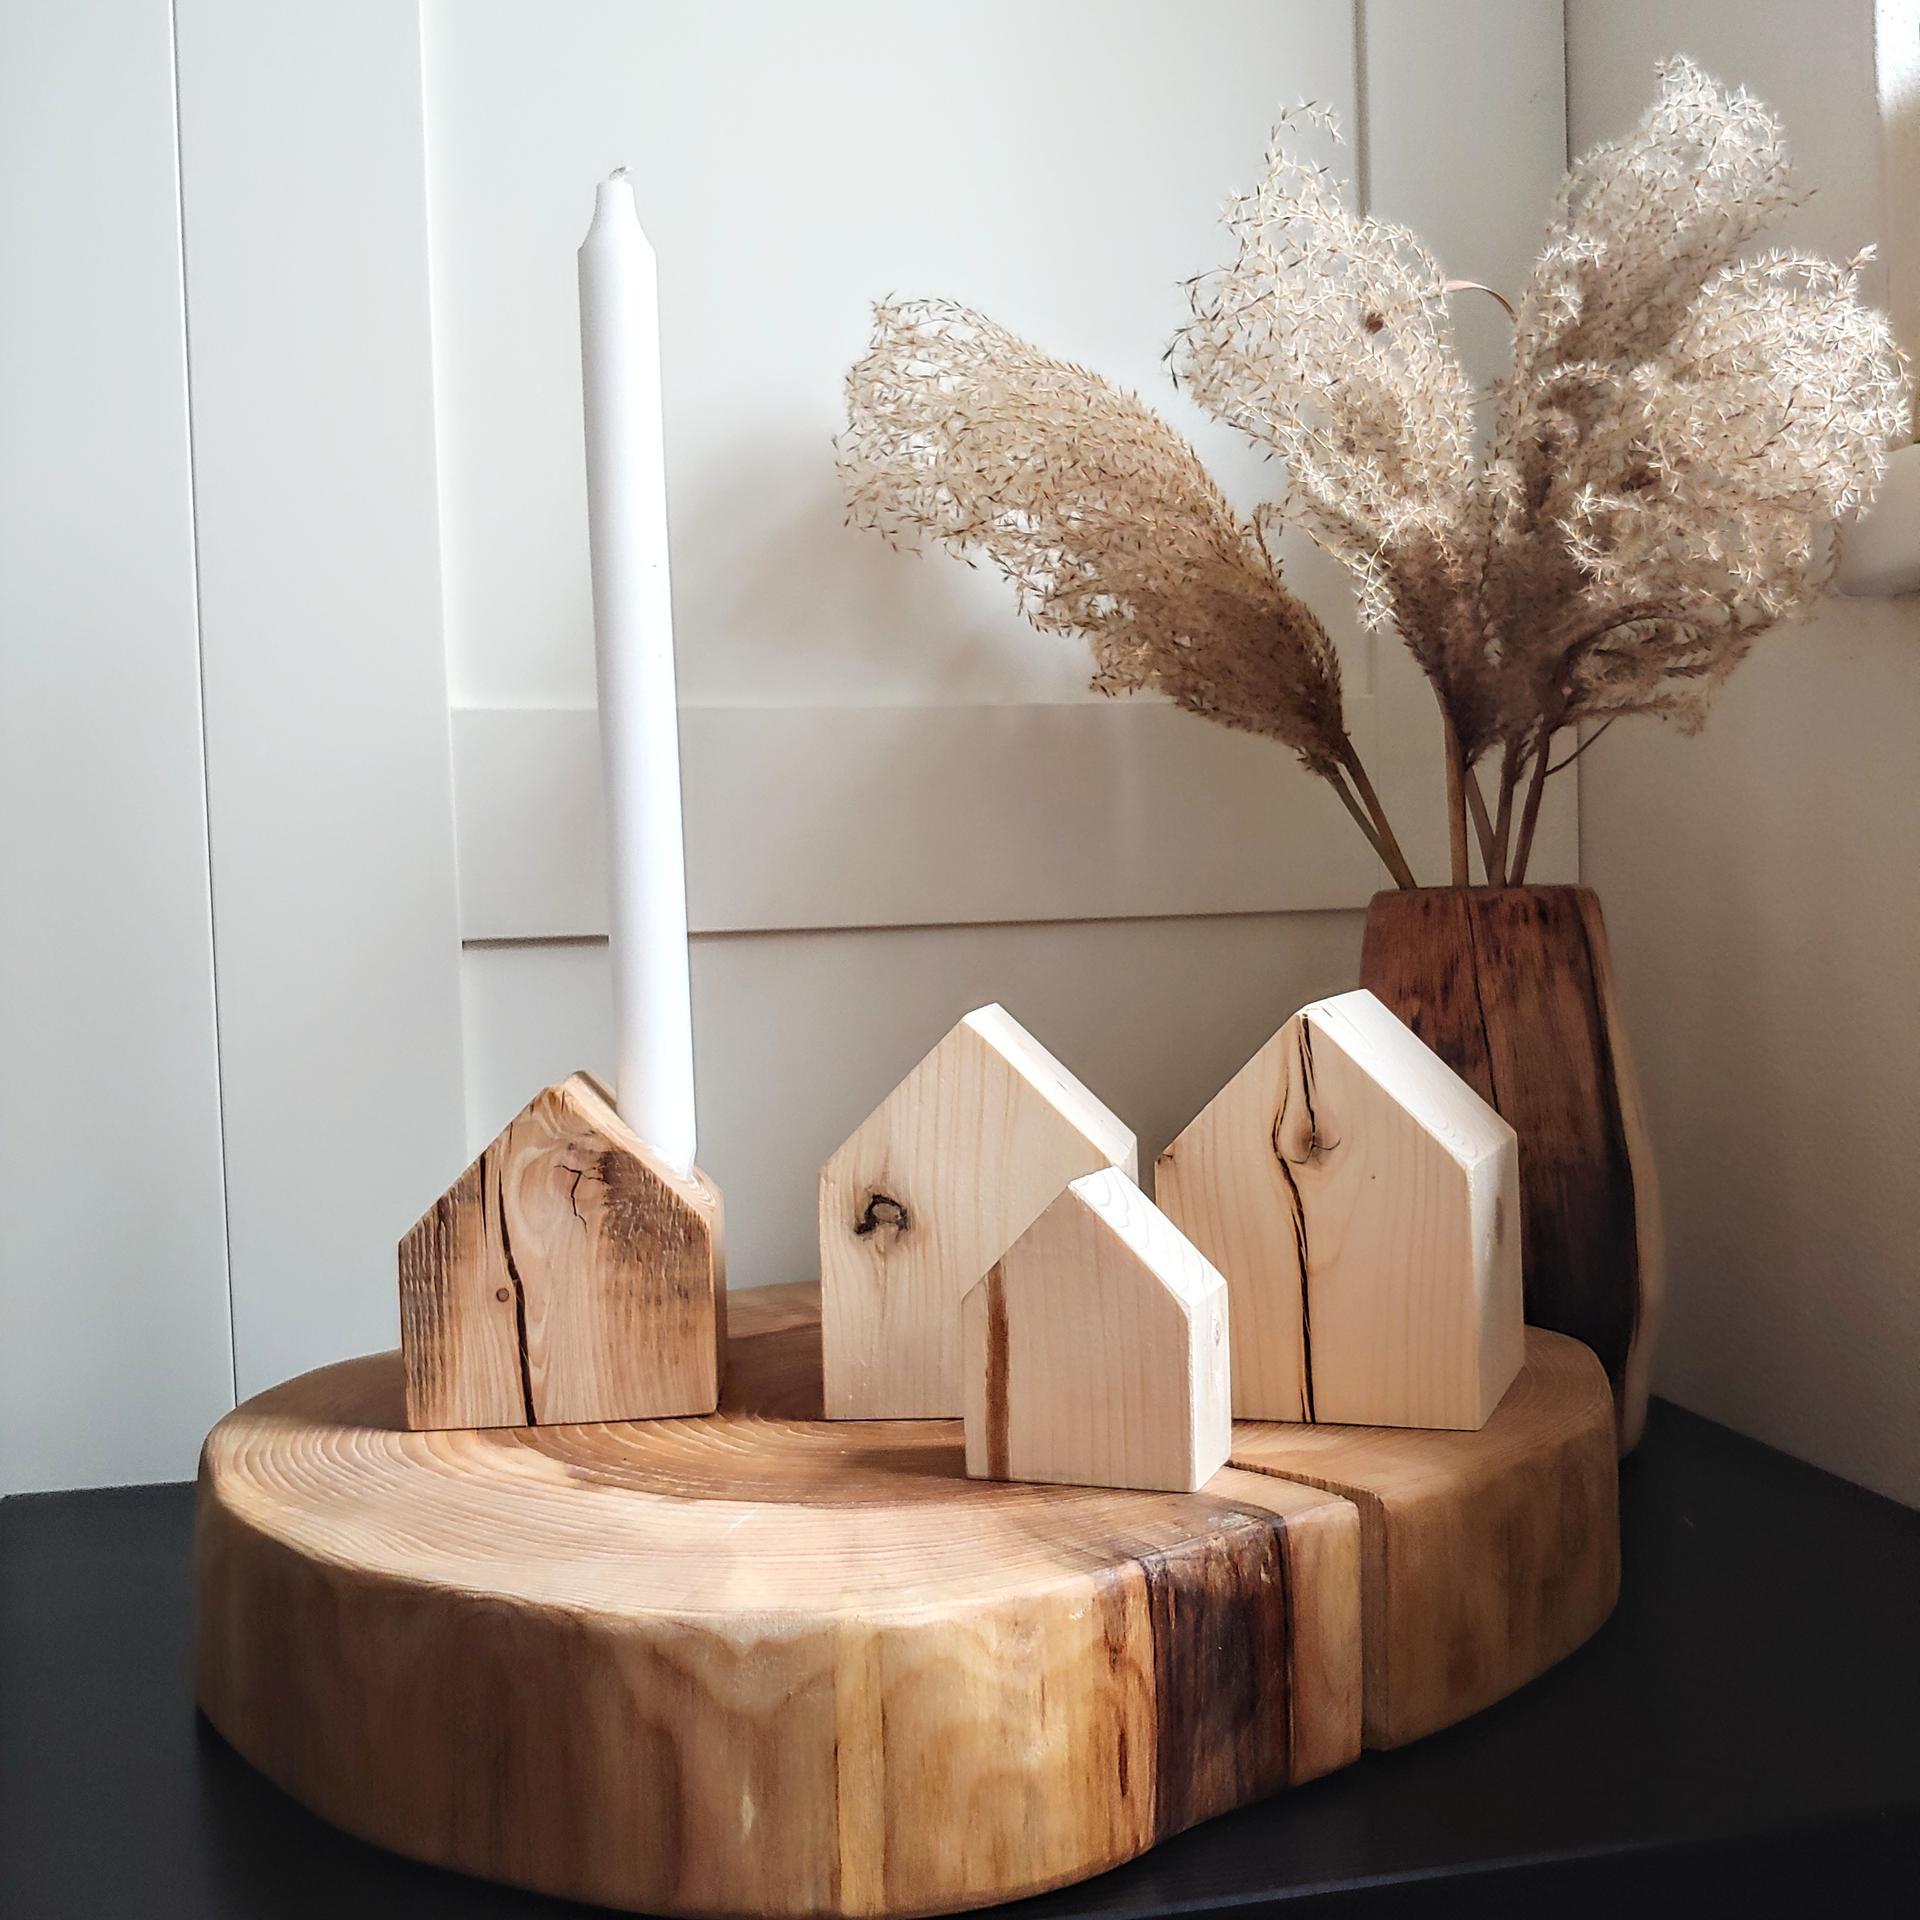 Dřevěná kolekce na www.idylo.cz 🖤  Mám obrovskou radost, že Vám můžu dnes představit kolekci, na kterou jsem se strašně moc těšila a musím se chodit pořád kochat tou krásou. Masivní dřevěné vázy, květináče, podnosy, podšálky, domečky - vše vyrobeno s láskou a rukama v Česku, v malé rodinné dílně ❤ - Obrázek č. 1